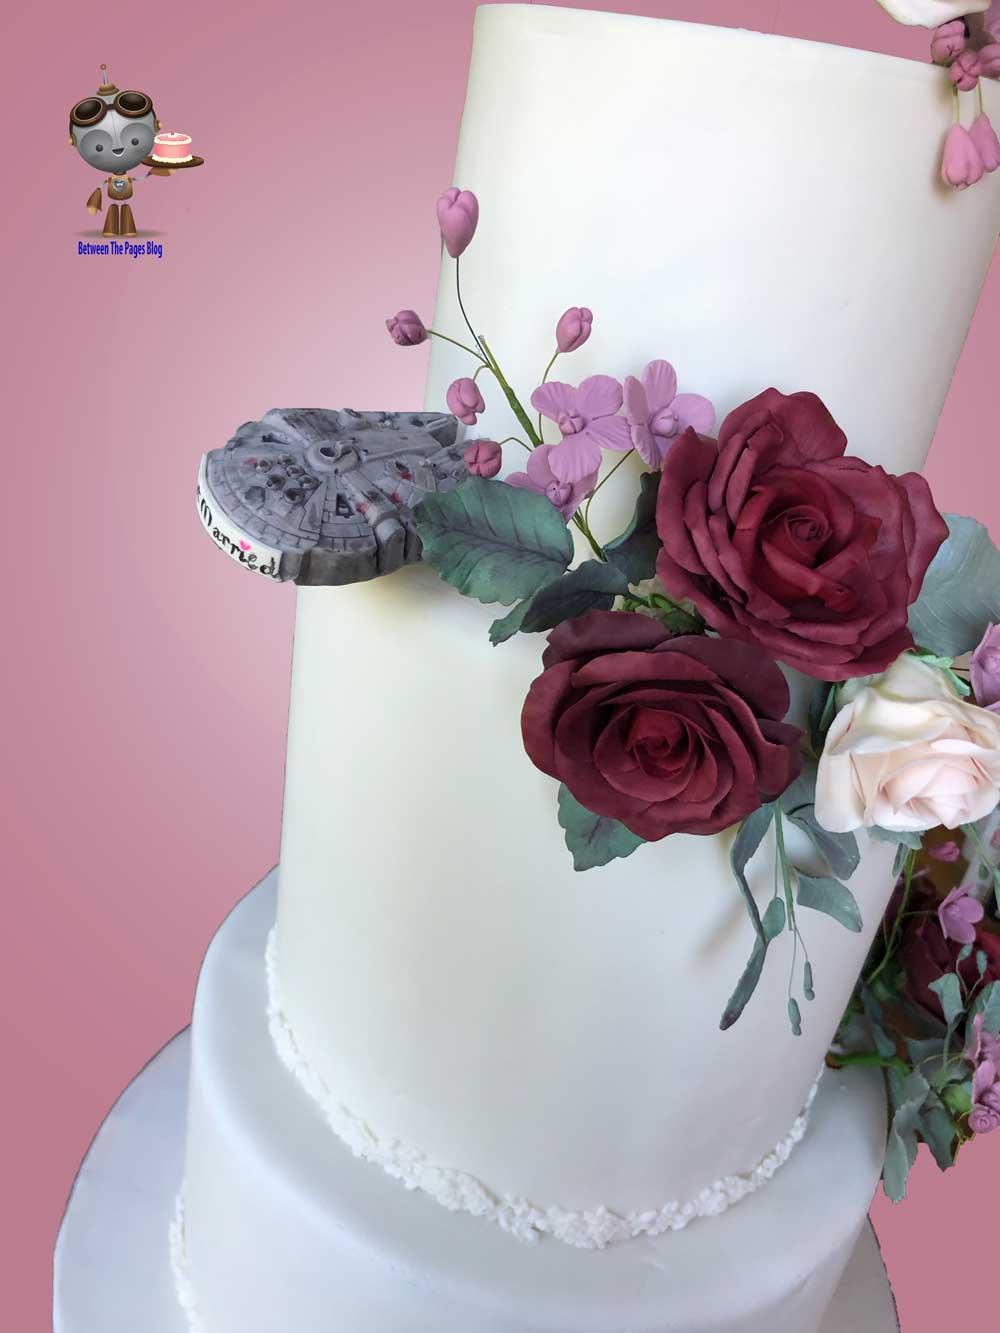 Millennium Falcon w Sugar Flowers on Wedding Cake